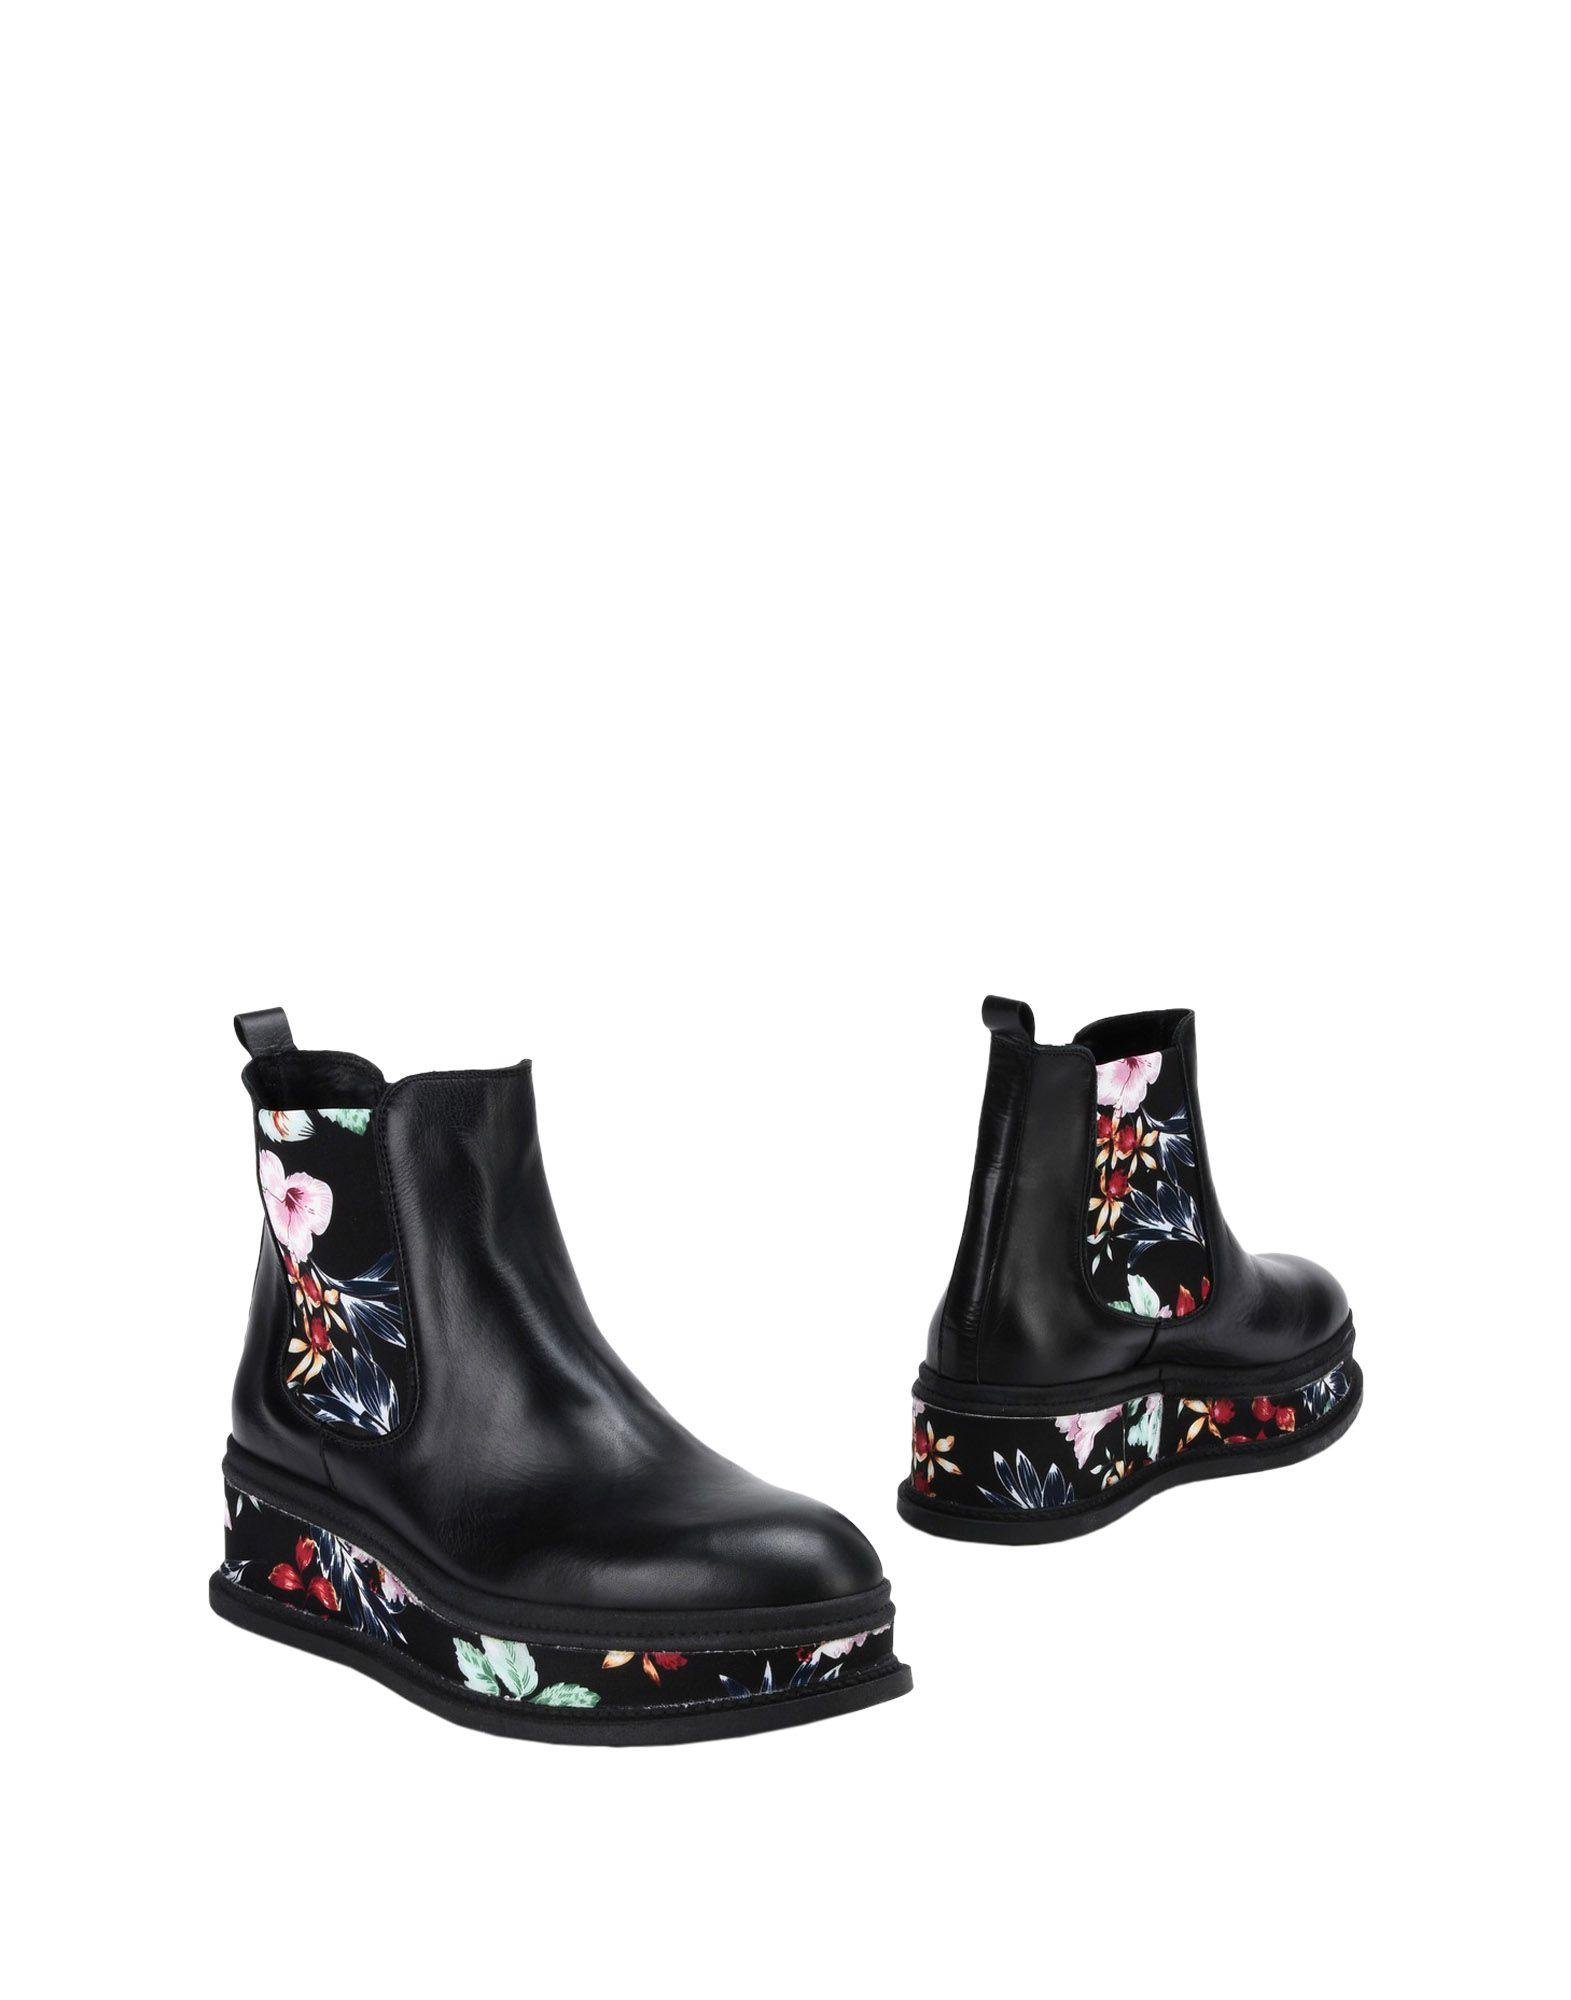 Pierre Darré Stiefelette Damen  11403987JV Gute Qualität beliebte Schuhe